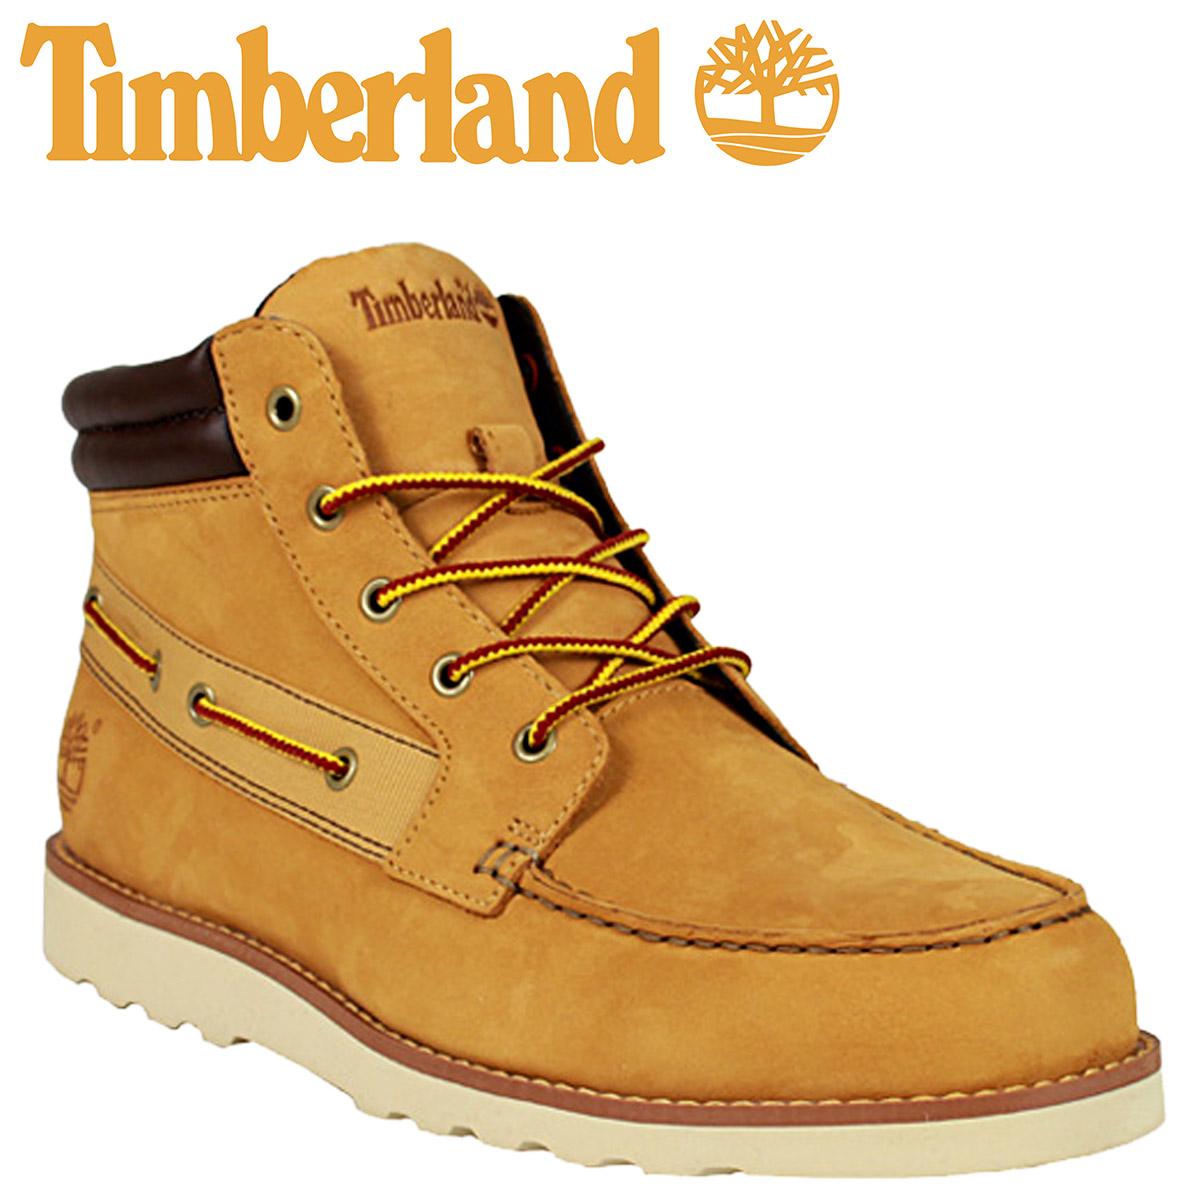 Timberland Timberland Newmarket ?????????? boots 27582 Newmarket 5 Eye Chukka Wheat Boot mens Wheat Nubuck